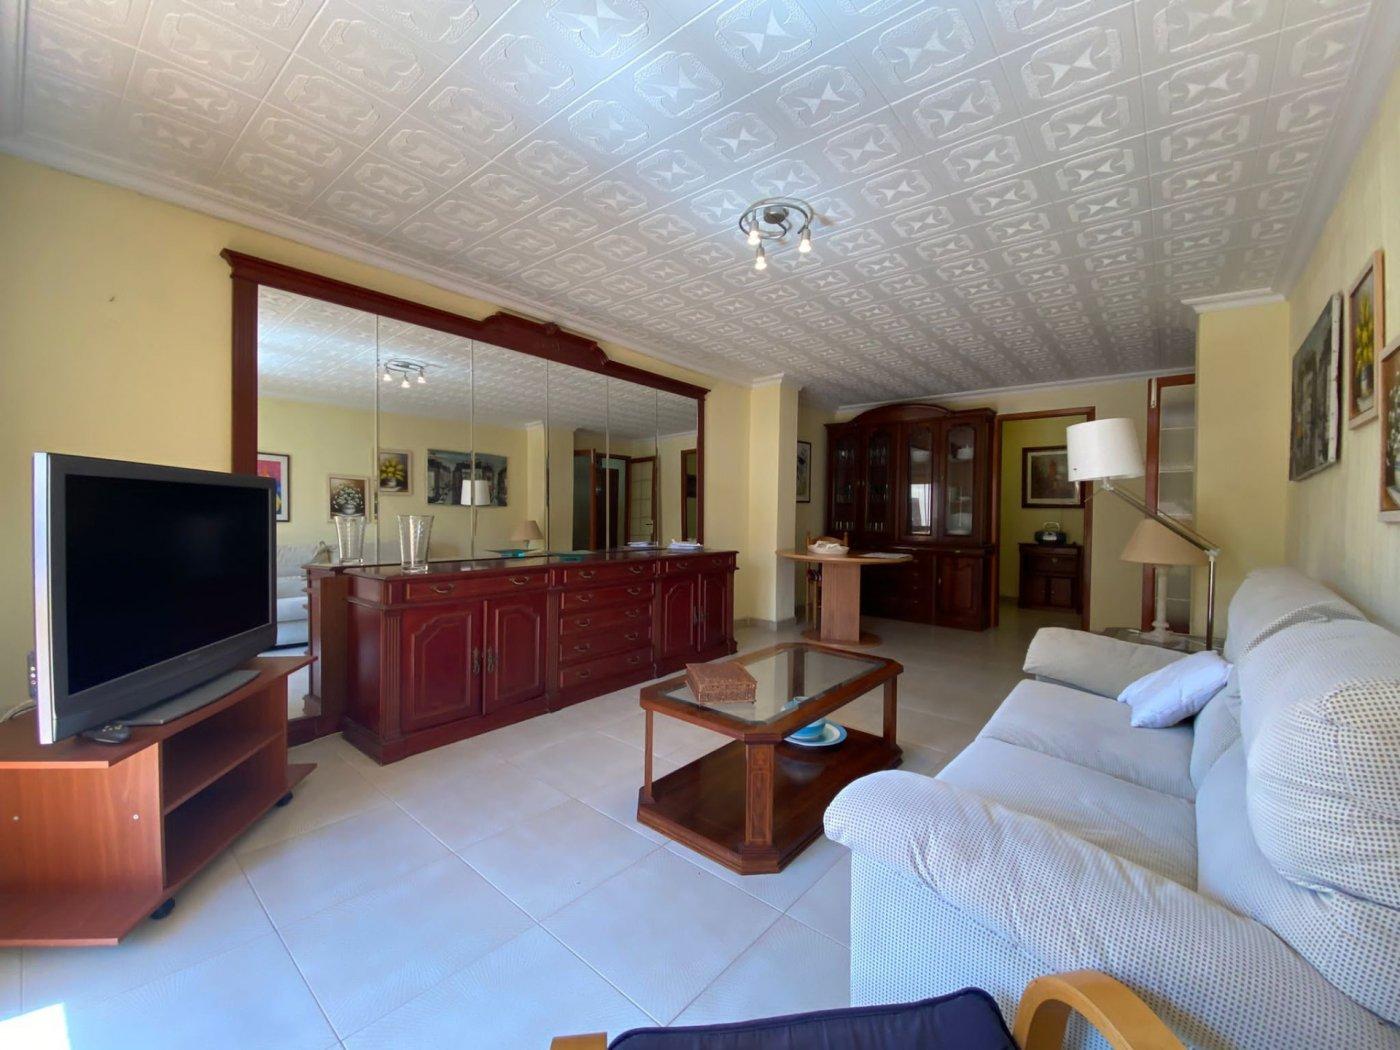 Señorial piso en palma, posibilidad alquiler con opción a compra - imagenInmueble11